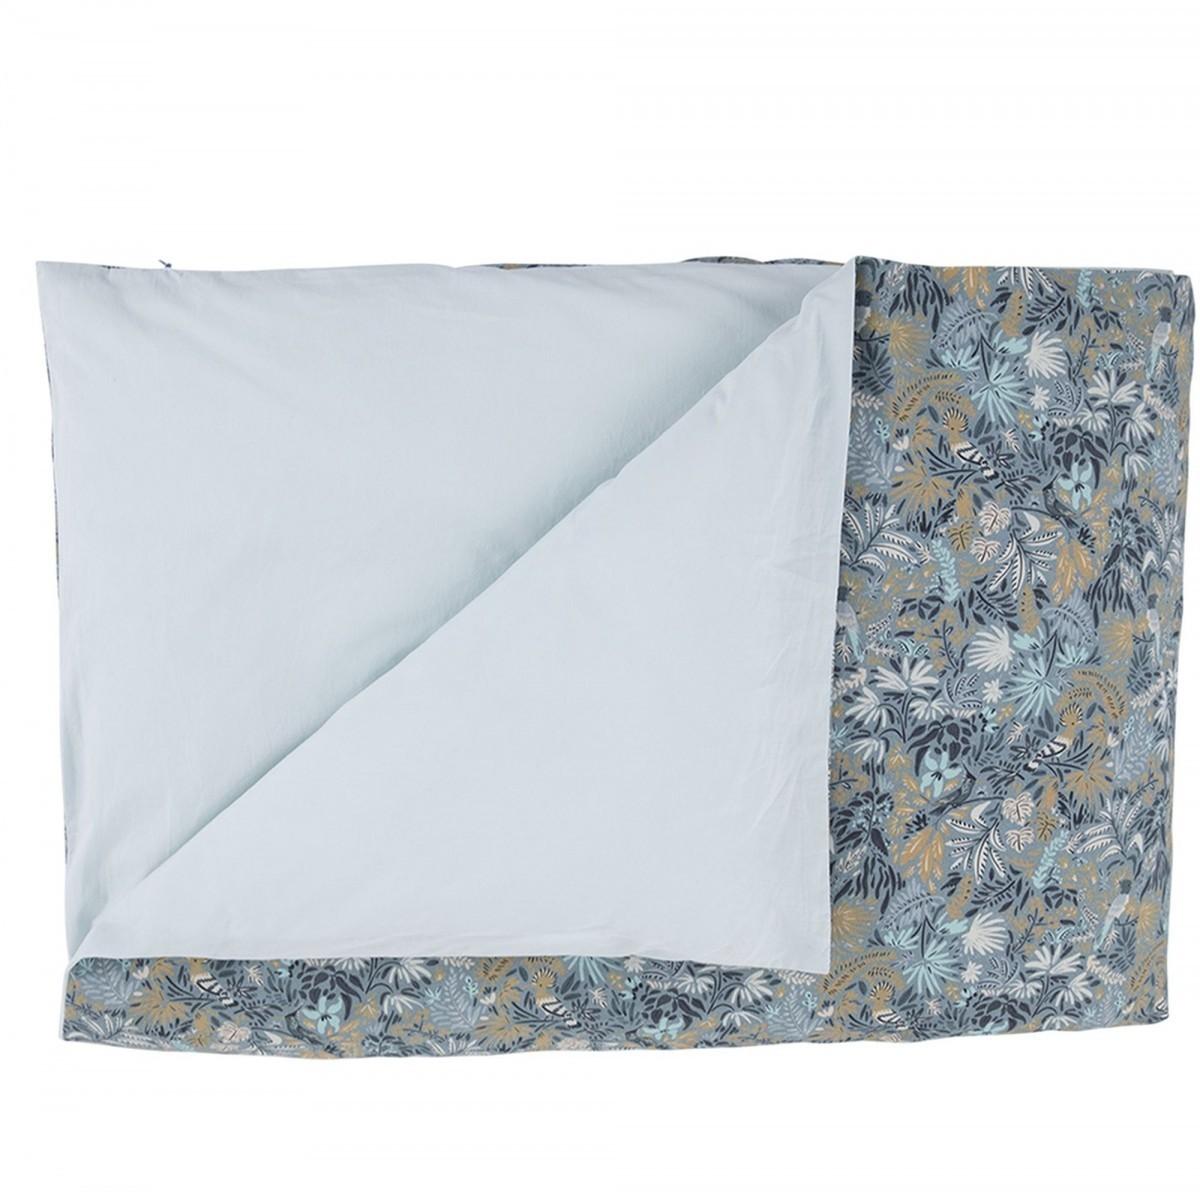 housse de couette en coton lav imprim oiseaux bleu. Black Bedroom Furniture Sets. Home Design Ideas